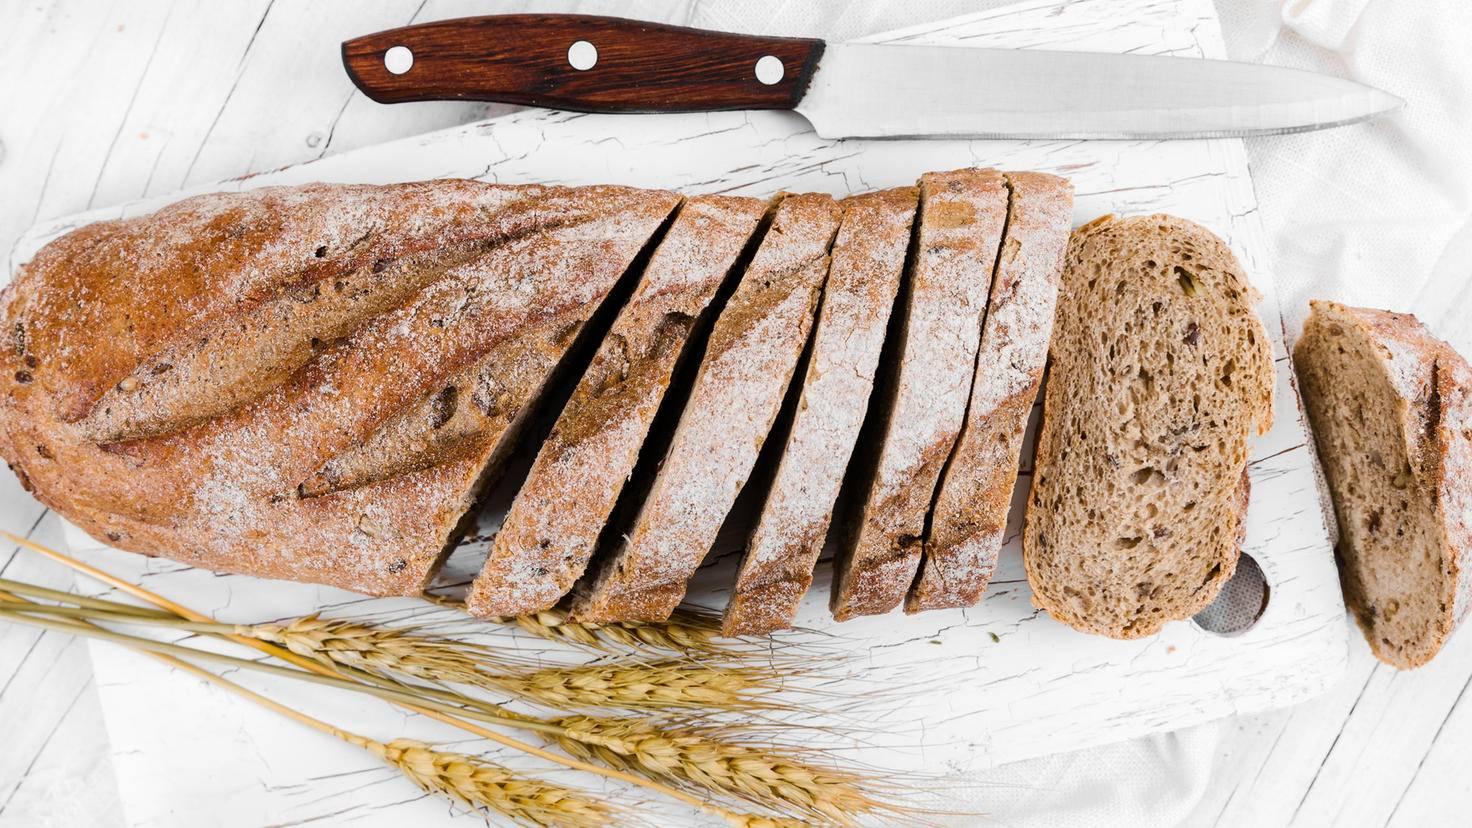 Zuvor aufgeschnitten lässt sich eingefrorenes Brot später besser portionieren und auftauen,.